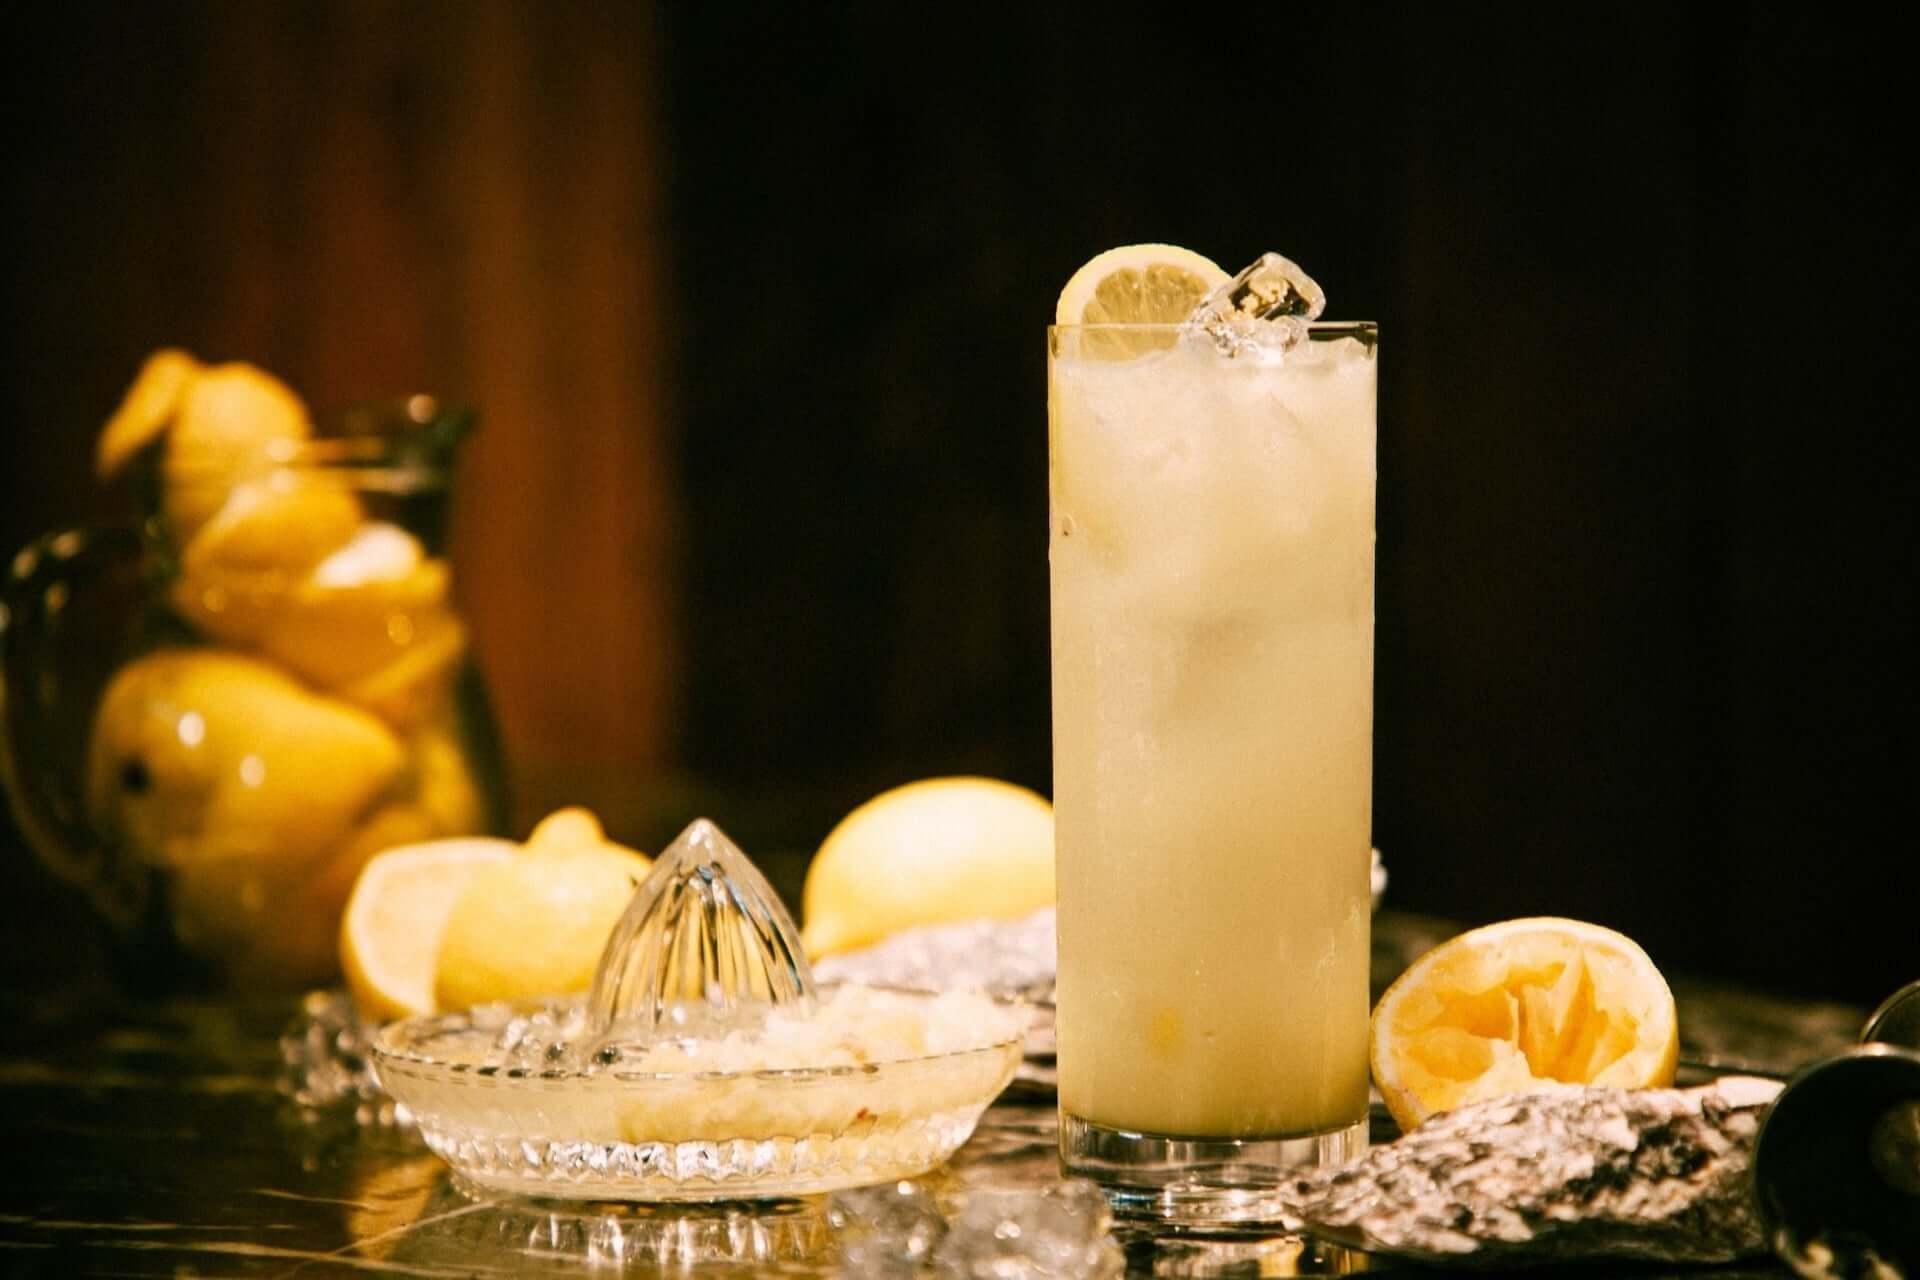 旬を迎えた「オマール海老」を堪能しよう!新宿のイタリアン・cicciで<とびきり美味しいオマール海老フェア>が明日開催 gourmet200902_cicci-shinjuku_3-1920x1280